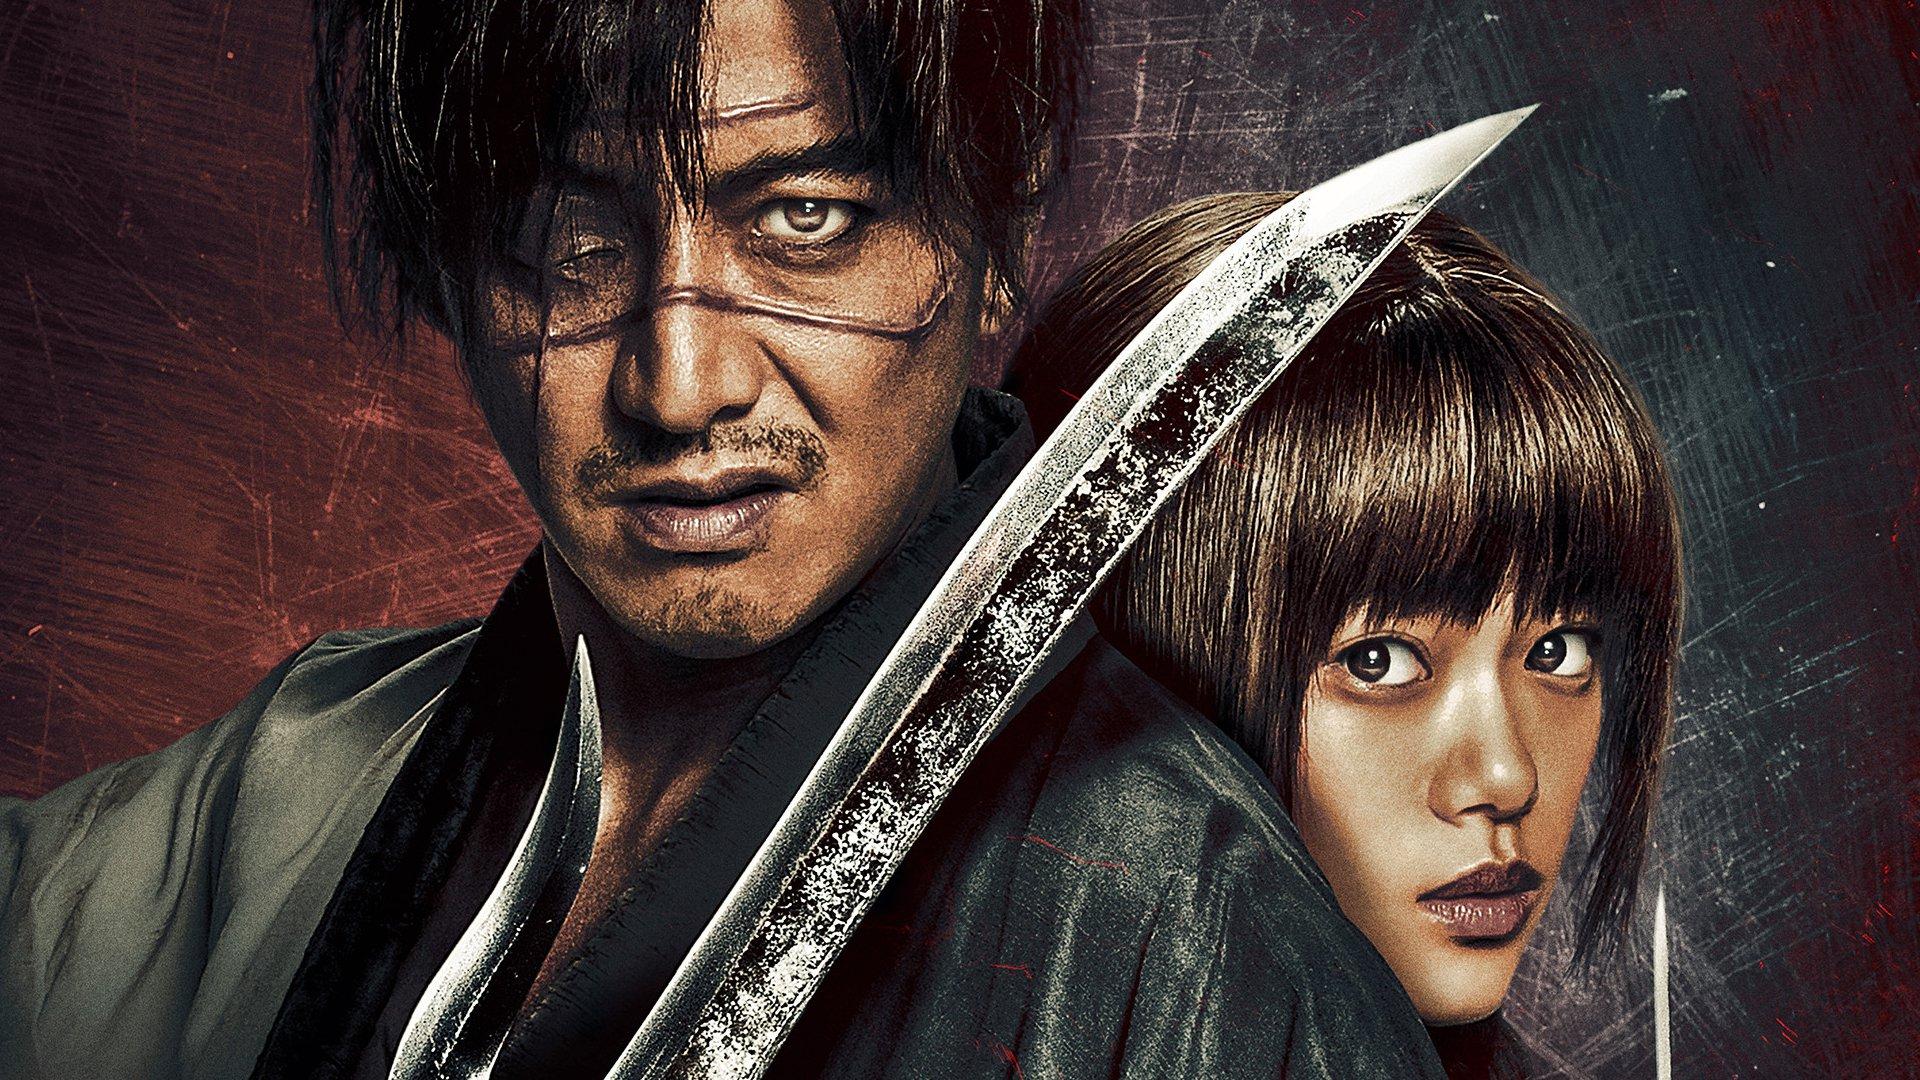 فیلم تیغه جاودانه اثری از تاکاشی میکه Blade of the Immortal 2017